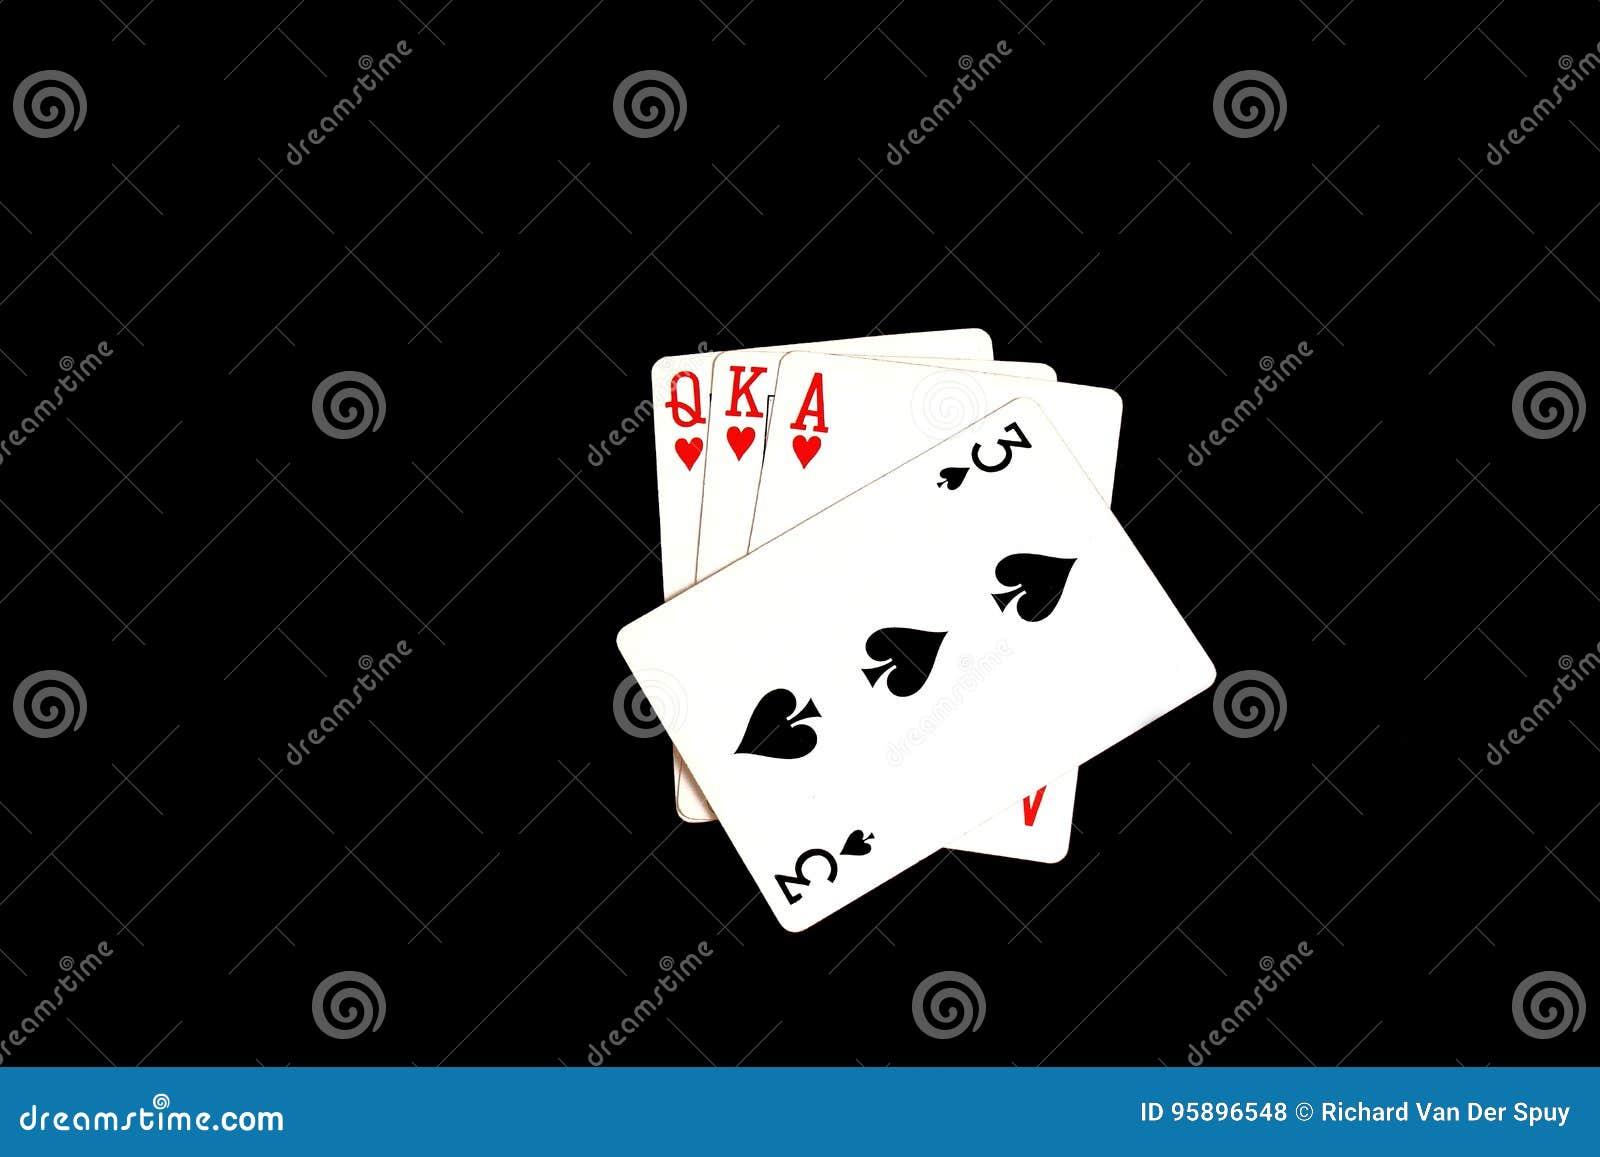 Spela kort - ett spelat trumfkort